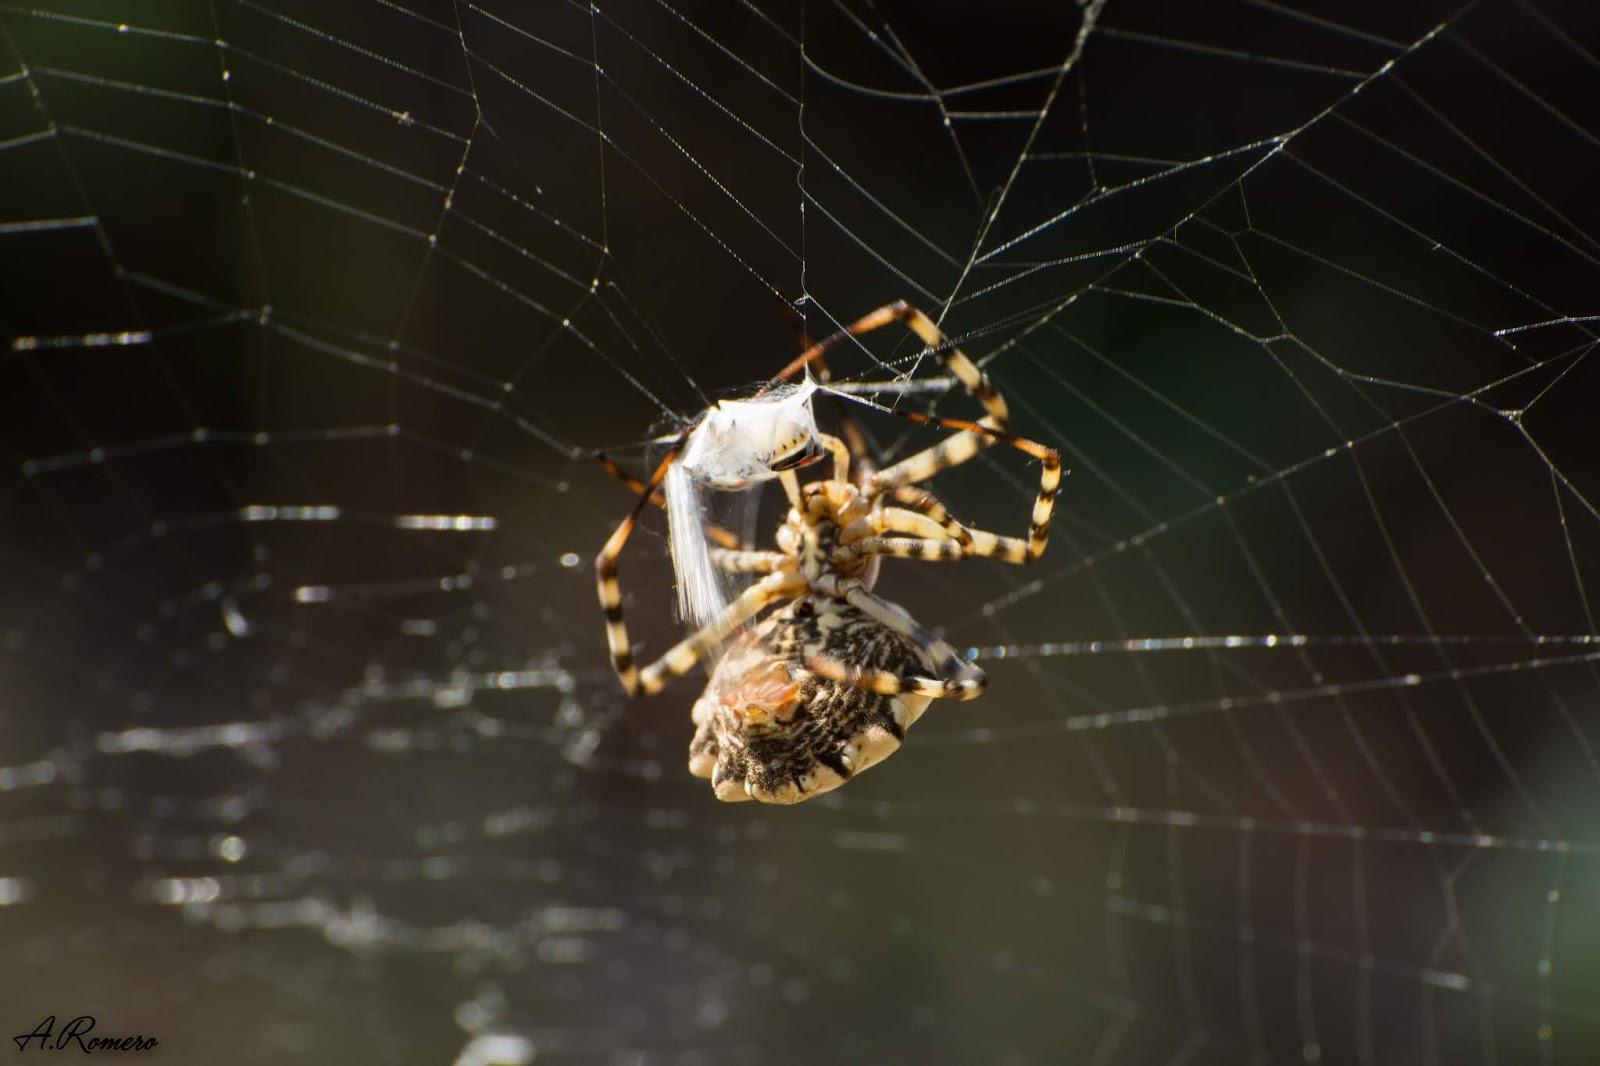 envuelve rápidamente a un pequeño coleóptero escasos segundos después de que éste chocase con la telaraña. Cuando el veneno inyectado haga su trabajo, la araña succionará los nutrientes predigeridos dentro de la presa.